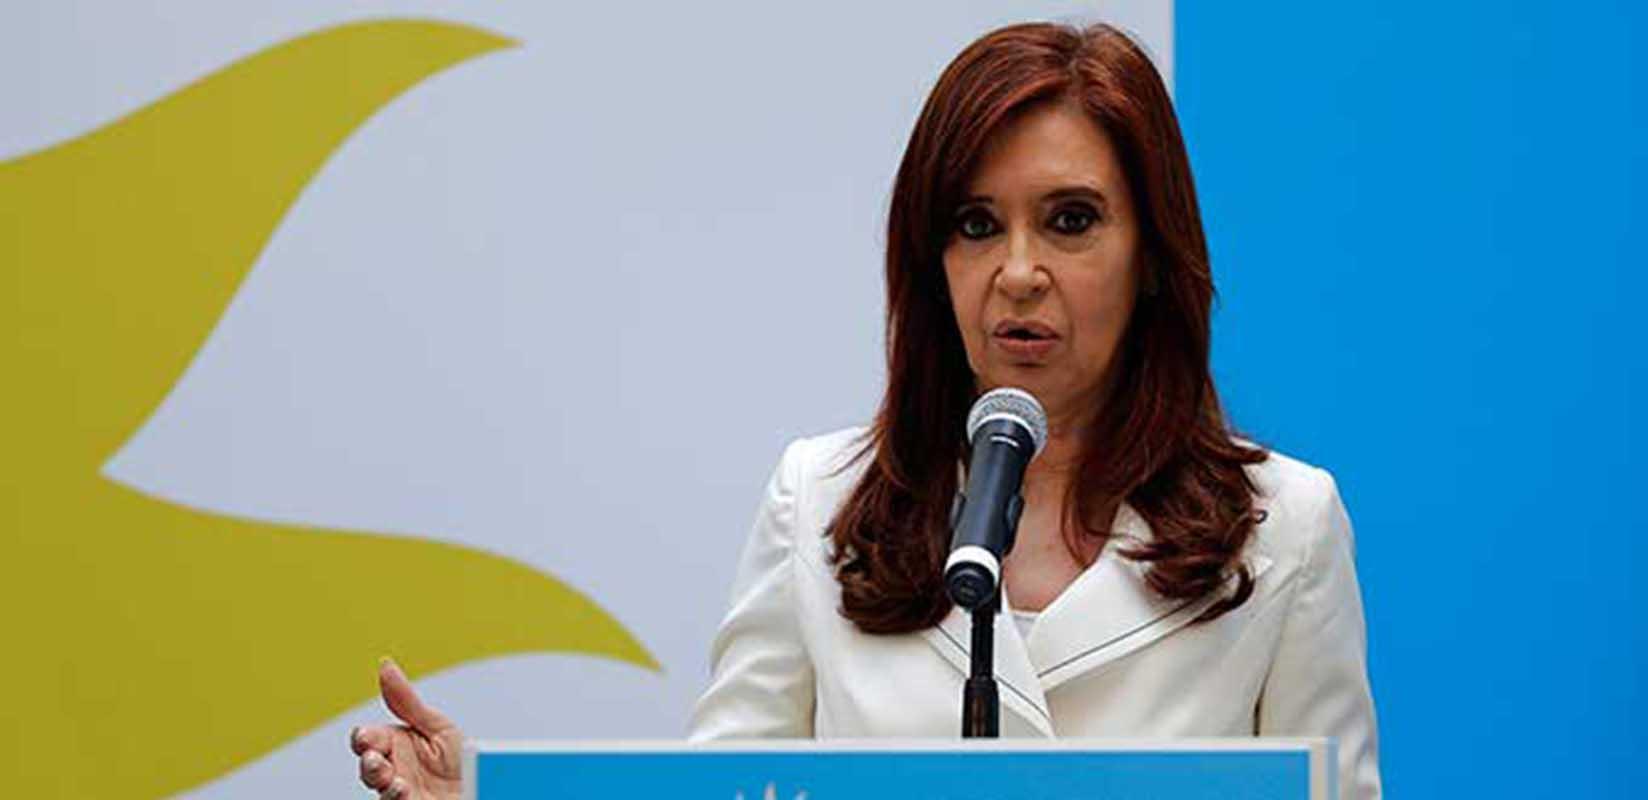 Envían a juicio a Cristina Fernández por presunto encubrimiento a terroristas